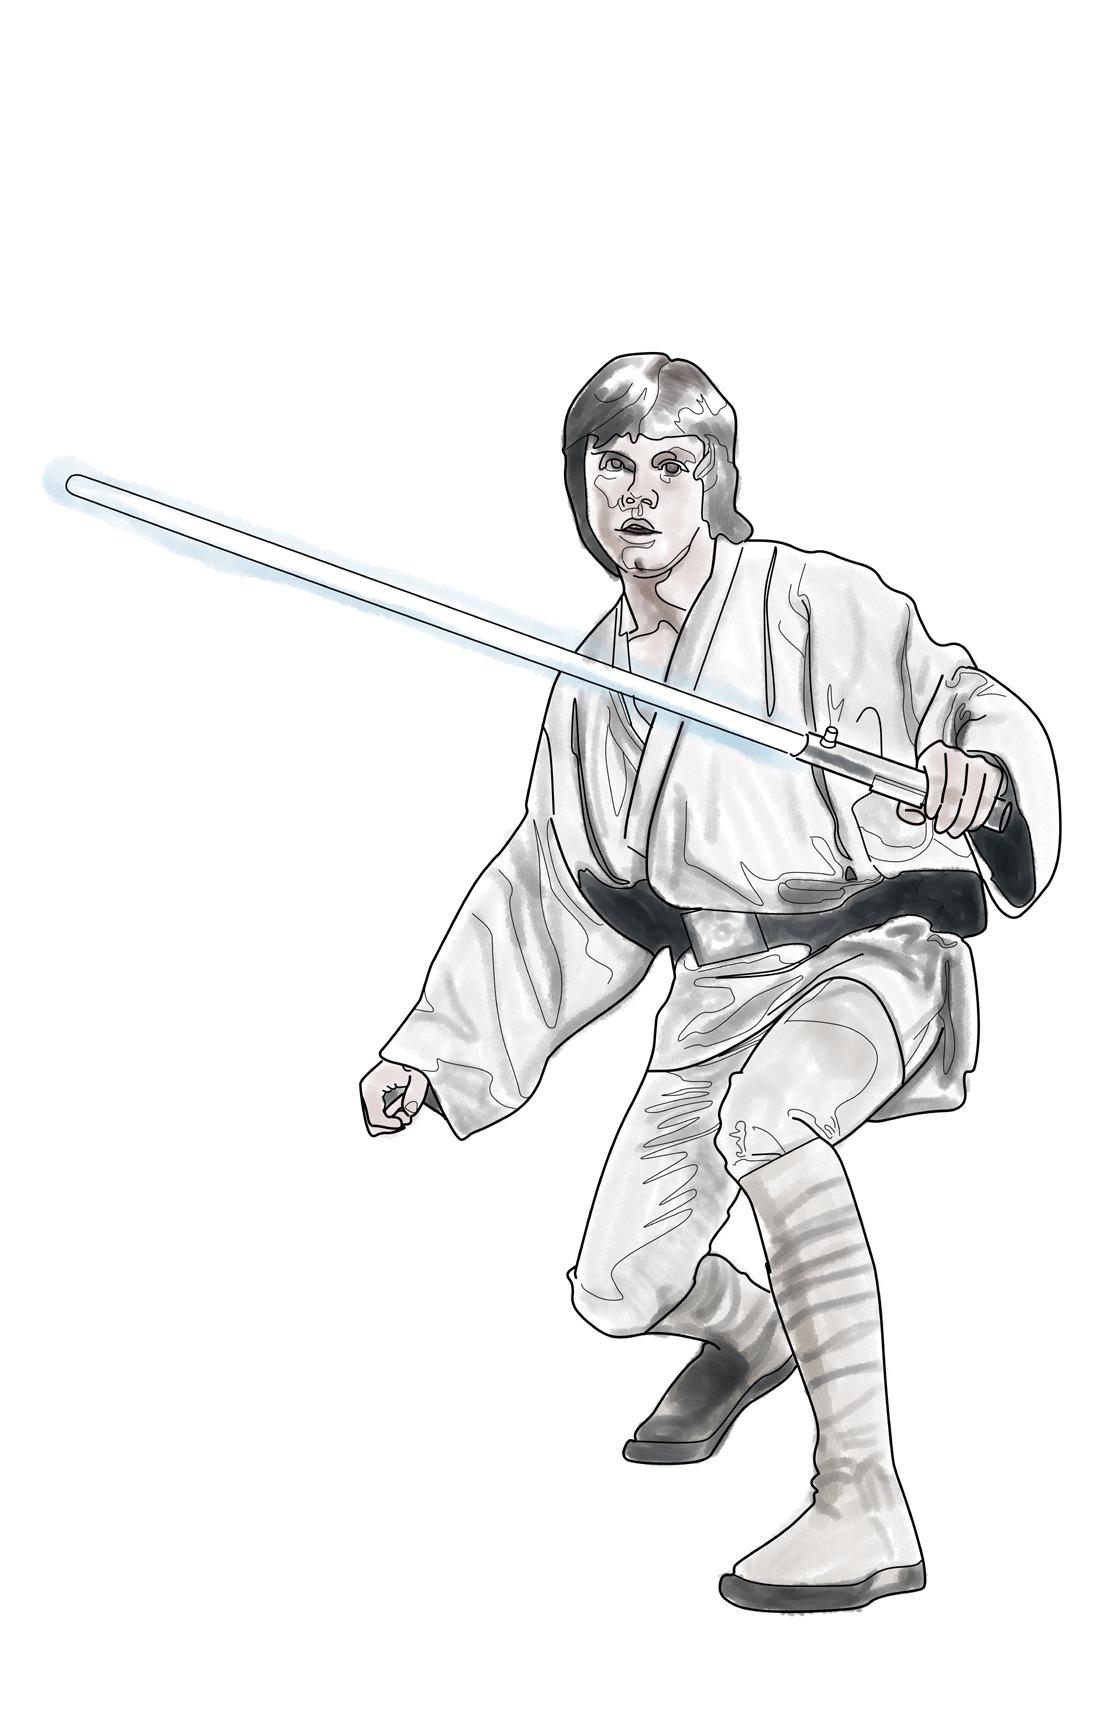 1118x1728 Superhero Comic Art By Me Unfinished Luke Skywalker Ink